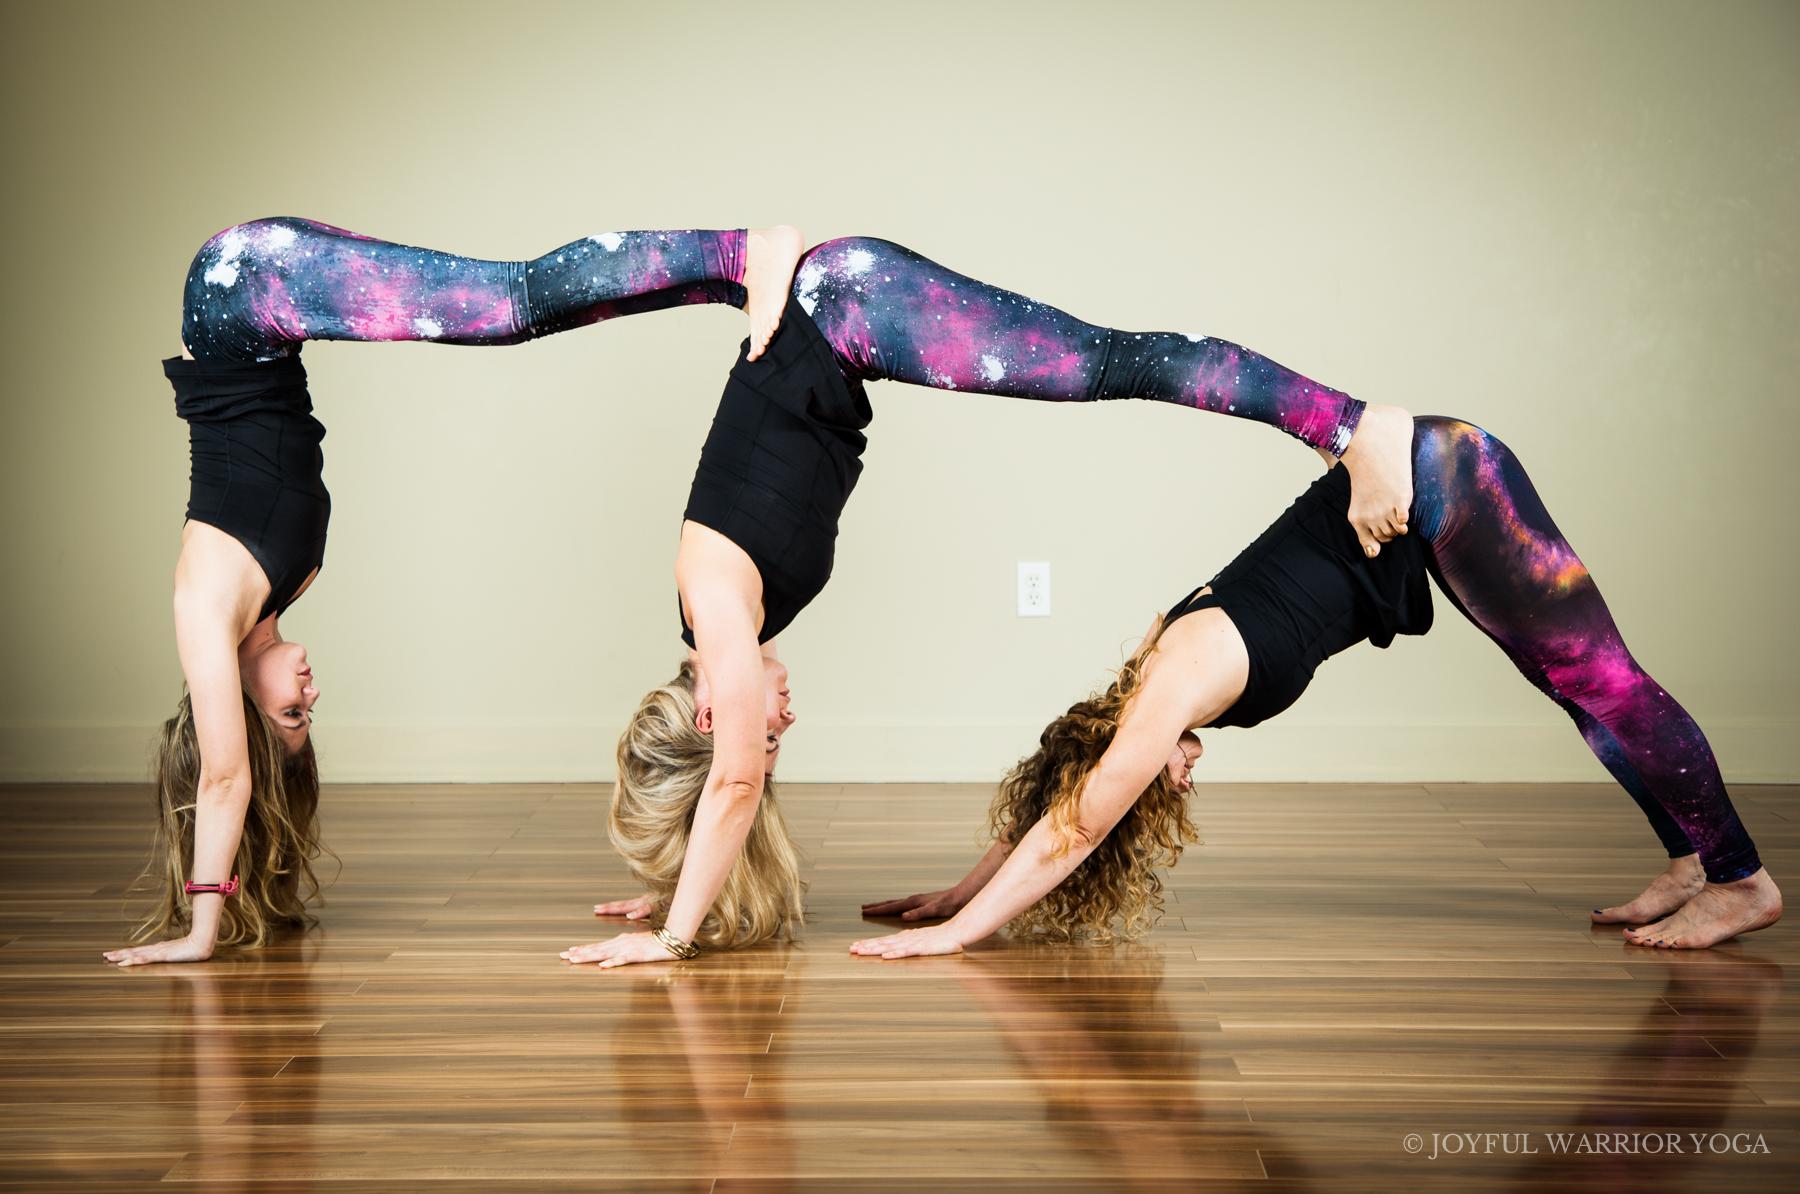 Eccezionale Yoga Poses - Acroyoga FL64